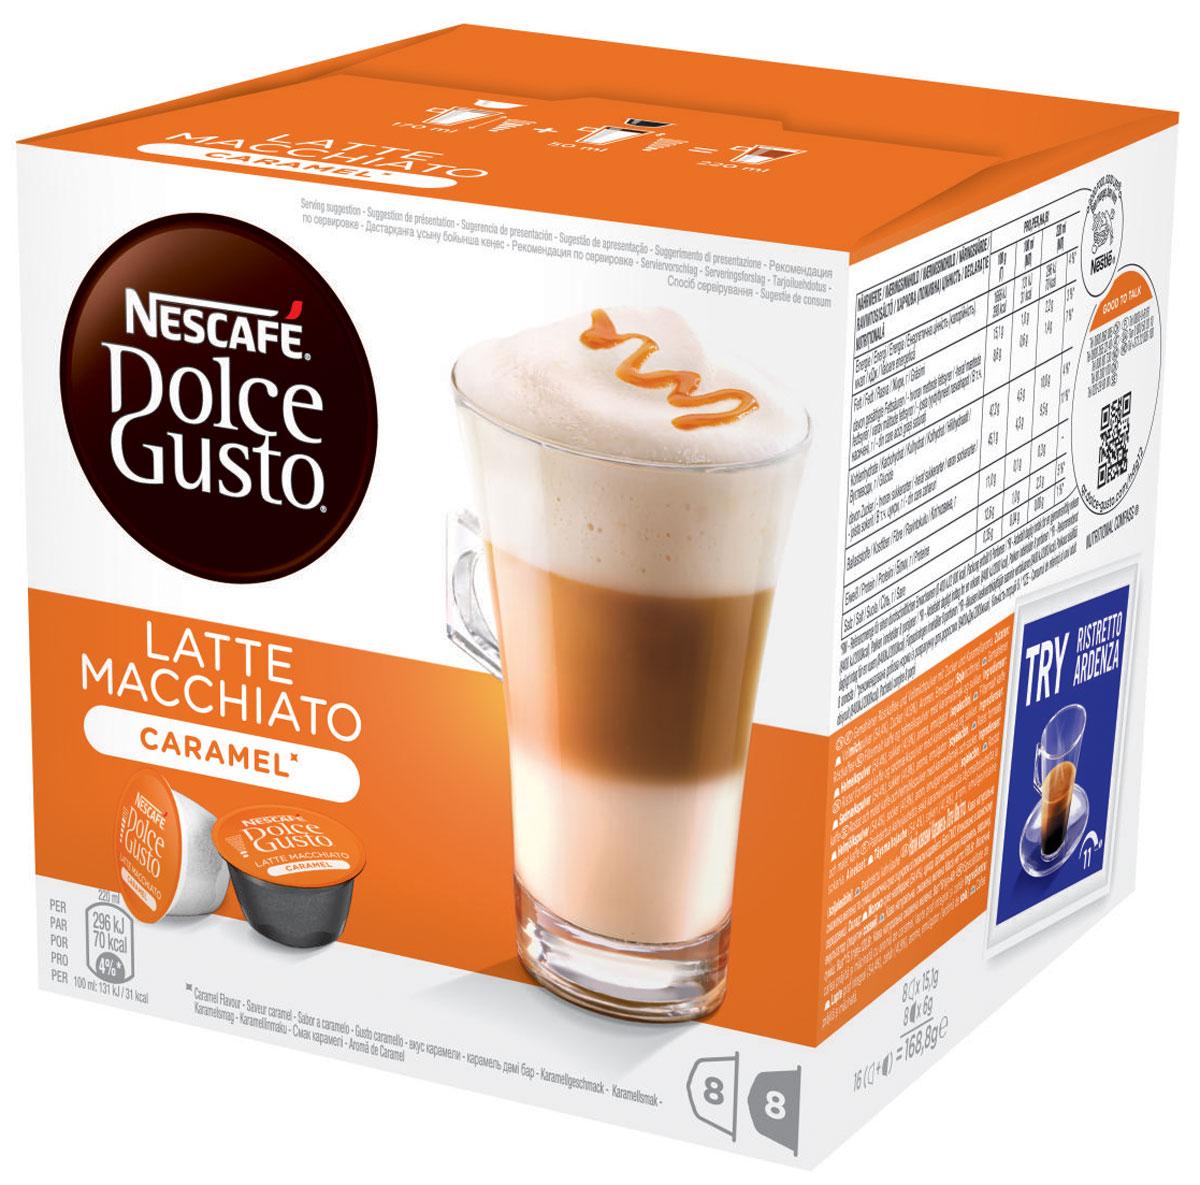 Nescafe Dolce Gusto Latte Macchiato со вкусом карамели кофе в капсулах, 16 шт12136960Nescafe Dolce Gusto Latte Macchiato со вкусом карамели - это утонченный кофейный напиток. Терпкий вкус распределяется через пропитанное карамелью молоко, создавая необычайно мягкий сладкий напиток, который мог быть создан только руками бариста.Увенчанный короной из снежной пены, этот капсульный латте имеет классические карамельные нотки, что делает его идеальным напитком для любителей сладкого кофе. Стильный вид и украшение в виде пятнышка кофе – этот латте исключительно подходит для получения удовольствия в любое время дня. Его легко приготовить, сохранив качество напитка, аналогичное кофейне.В состав входят: 8 кофейных капсул8 молочных капсулКофе: мифы и факты. Статья OZON Гид